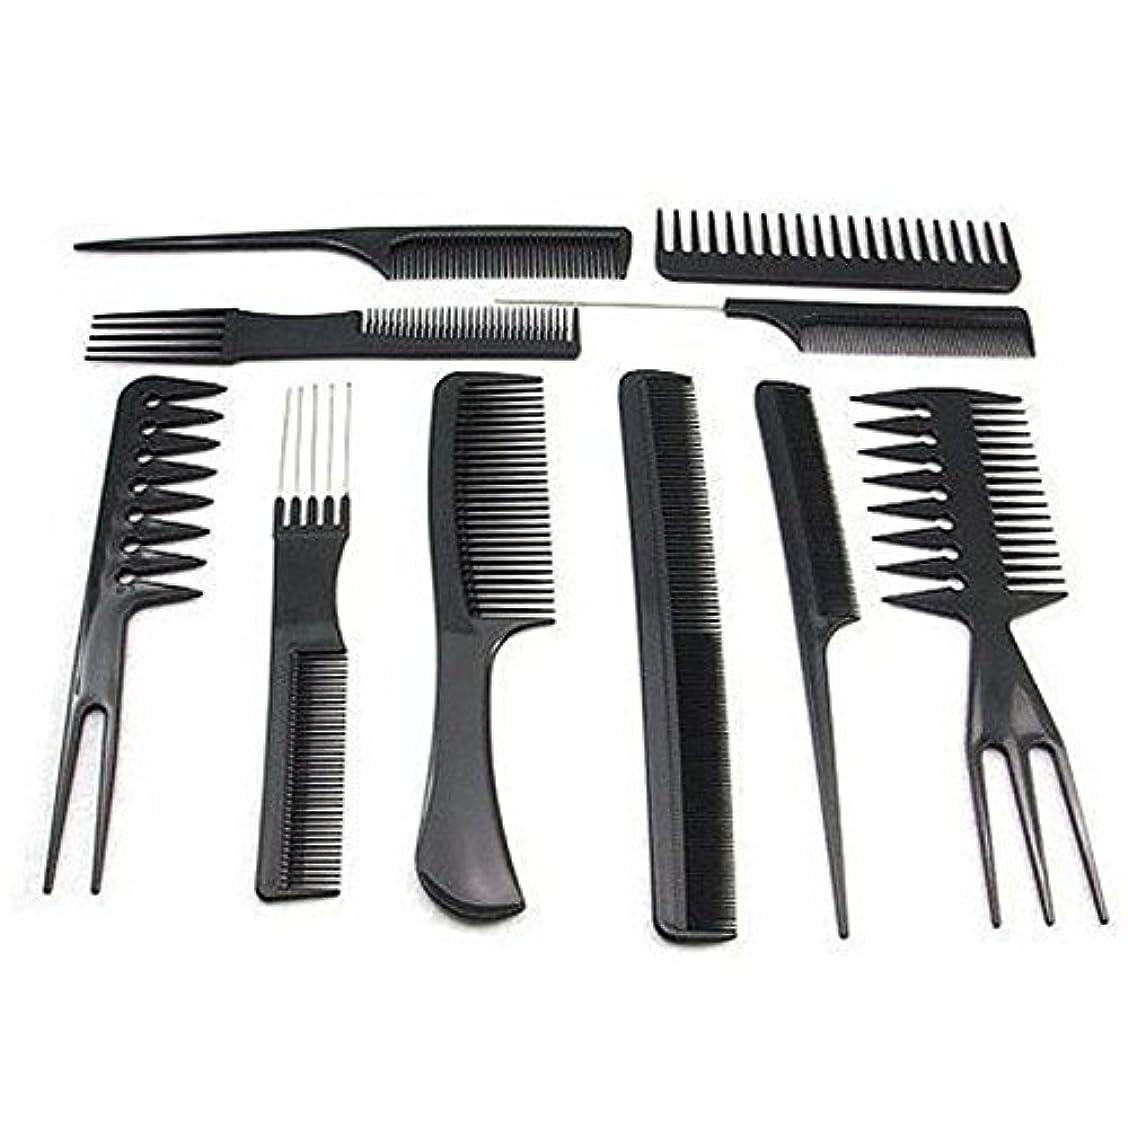 このチューブバックグラウンドVi.yo ヘアブラシ ヘアコーム 髪櫛 プラスチック 理髪道具 美髪セット 10本セット ブラック